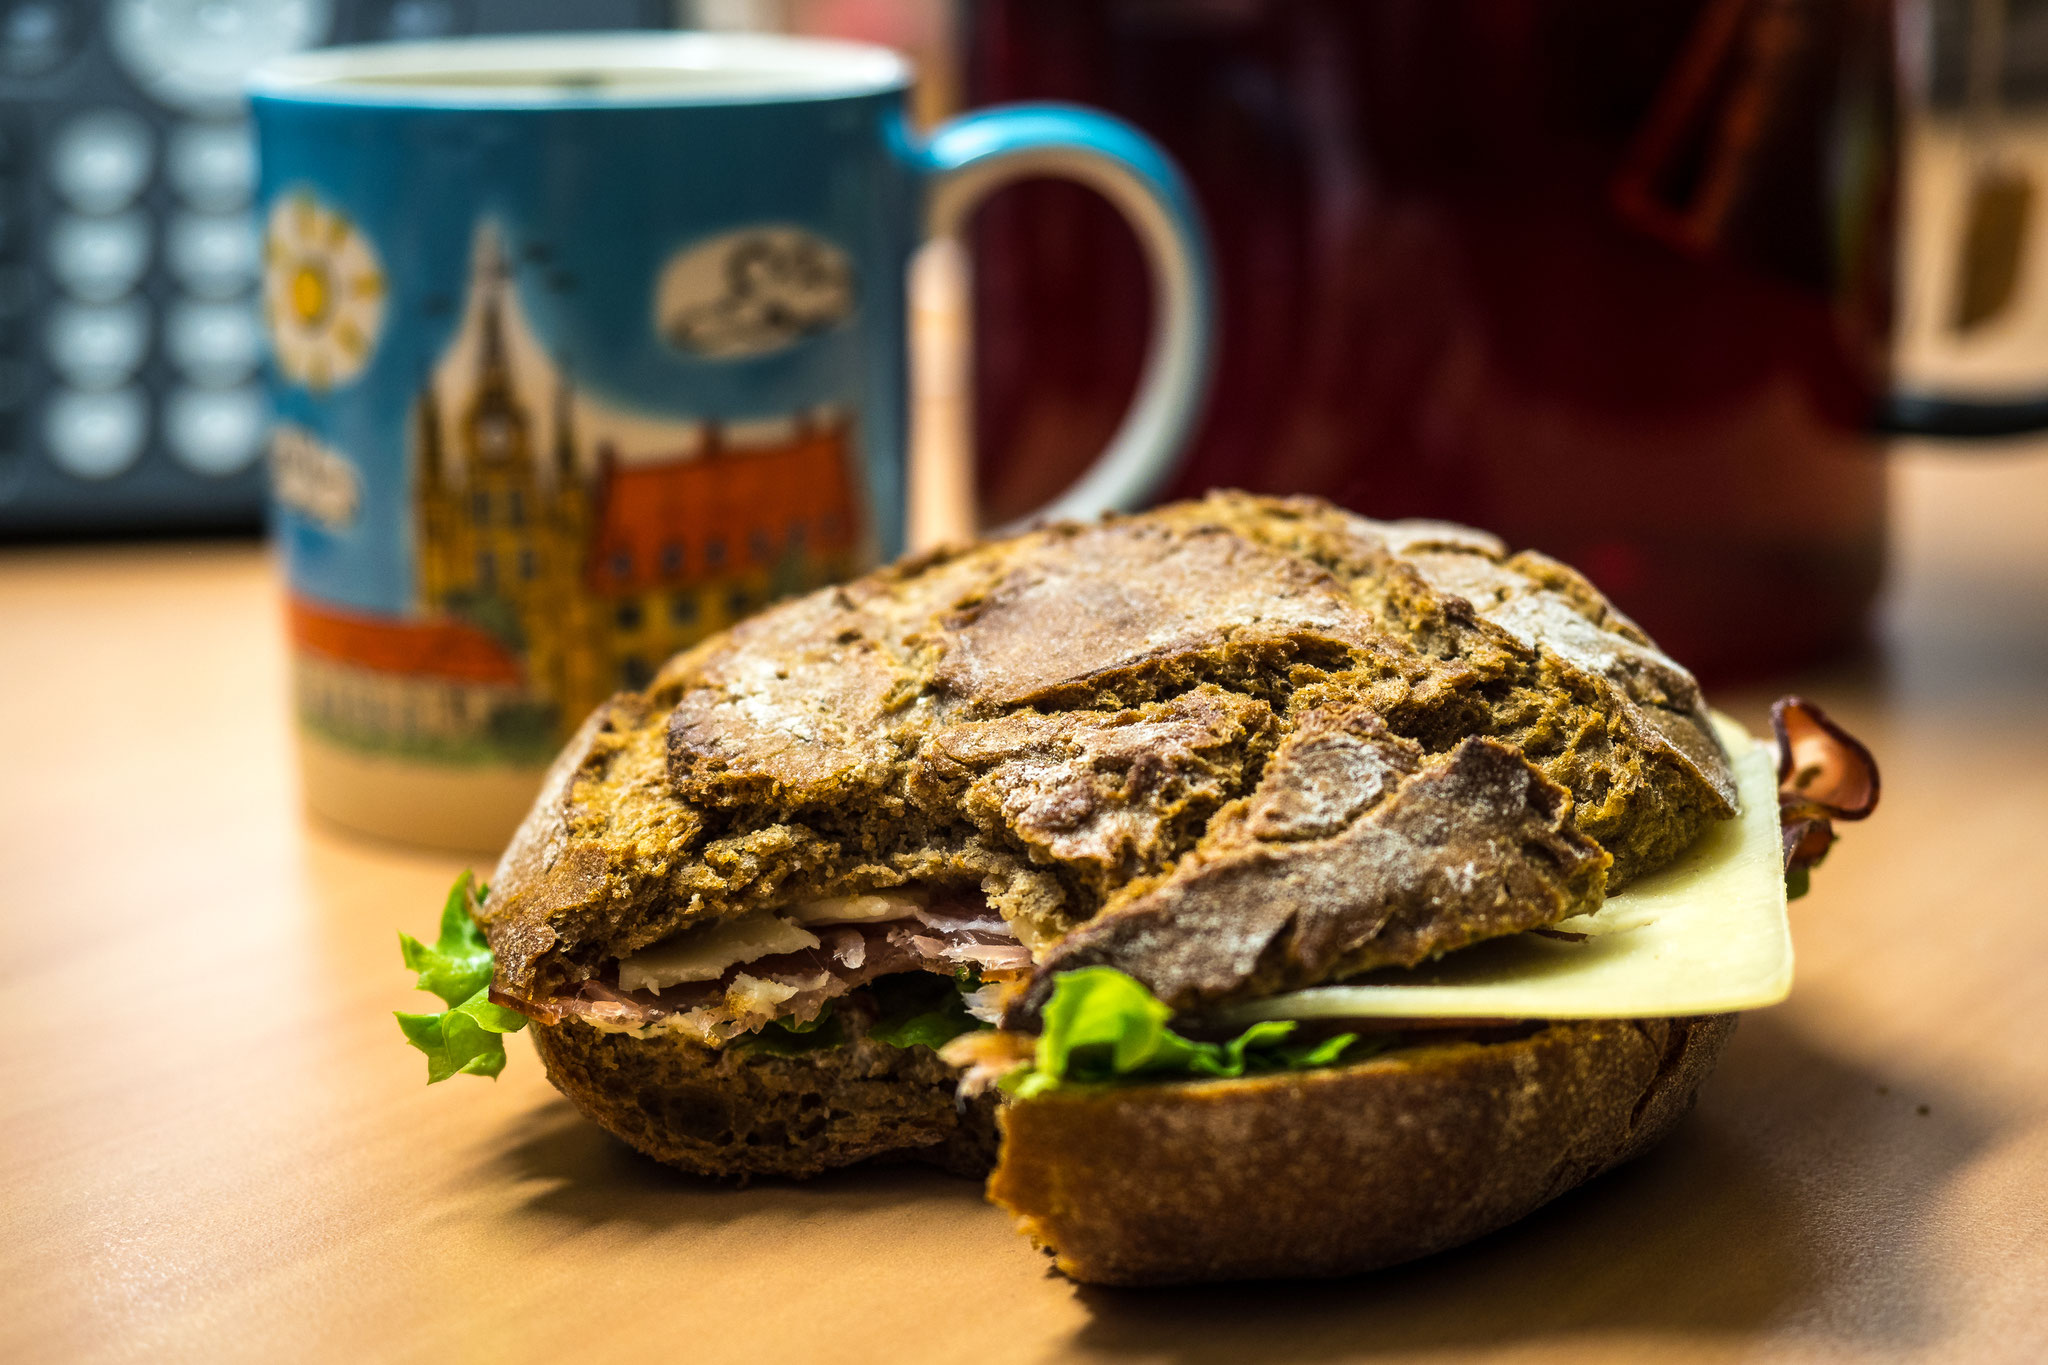 Babblfisch: Frühstücksbrötchen